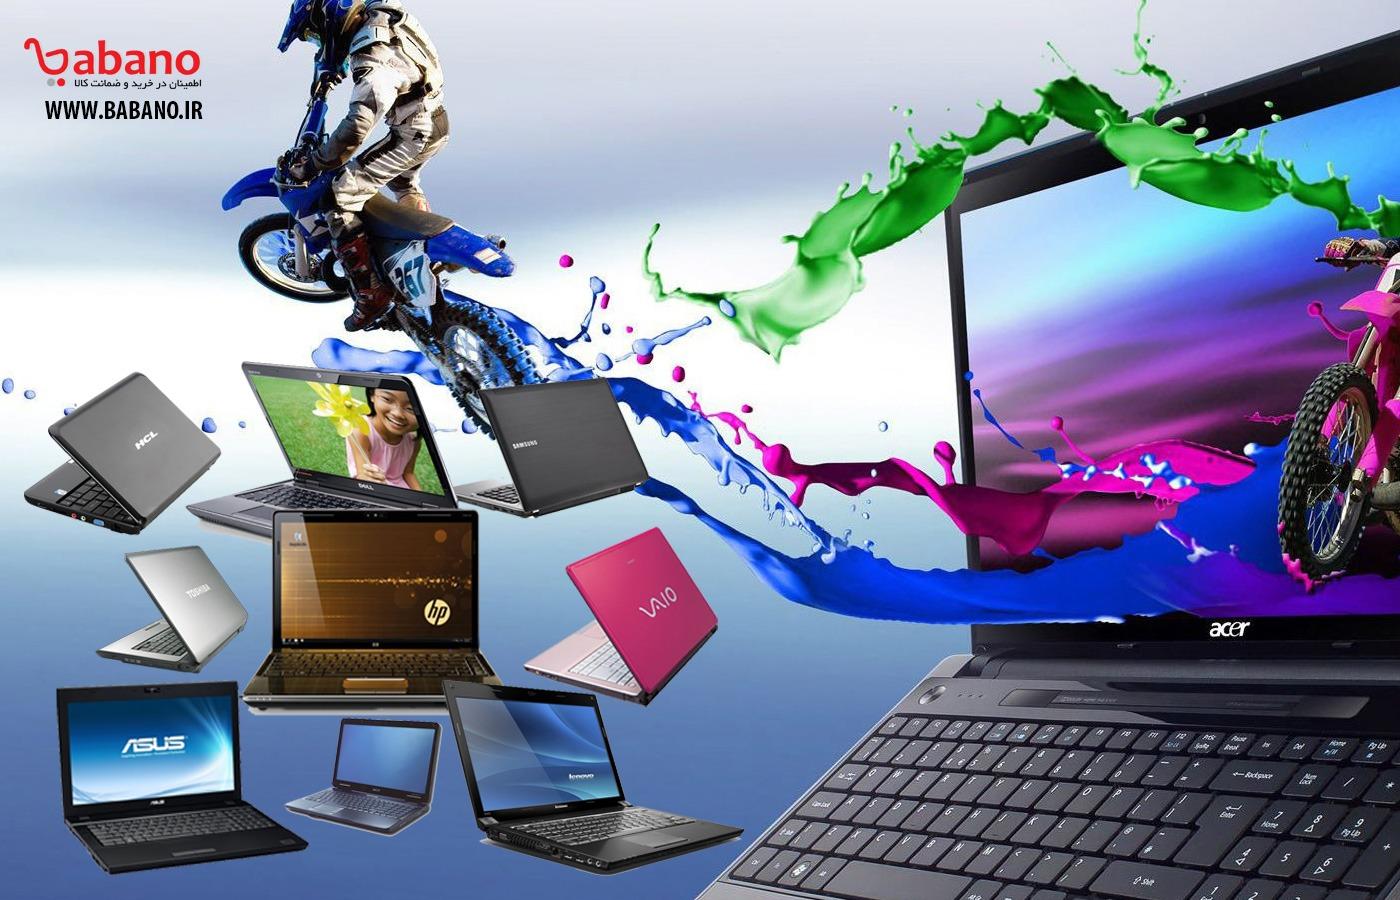 خرید انواع لپ تاپ